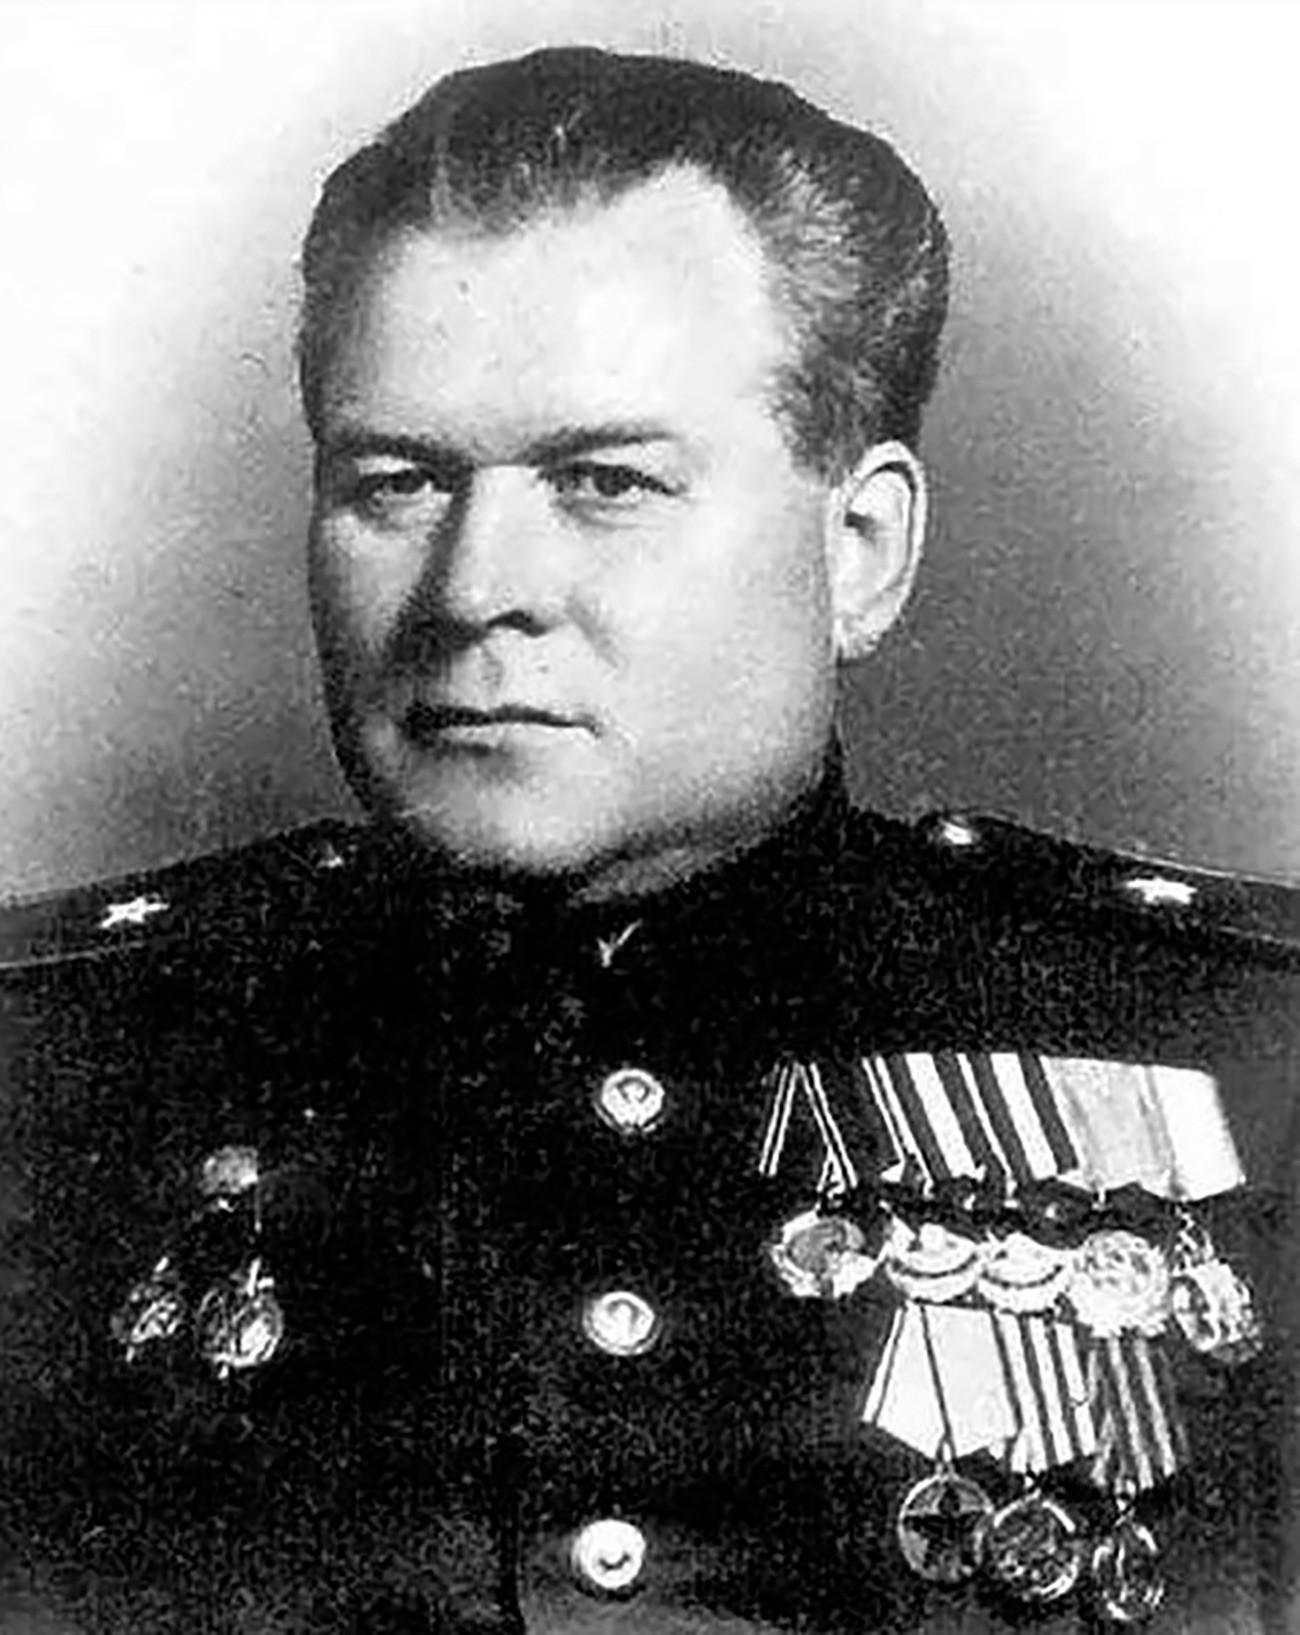 Званична партијска фотографија генерал-мајора Василија Блохина.